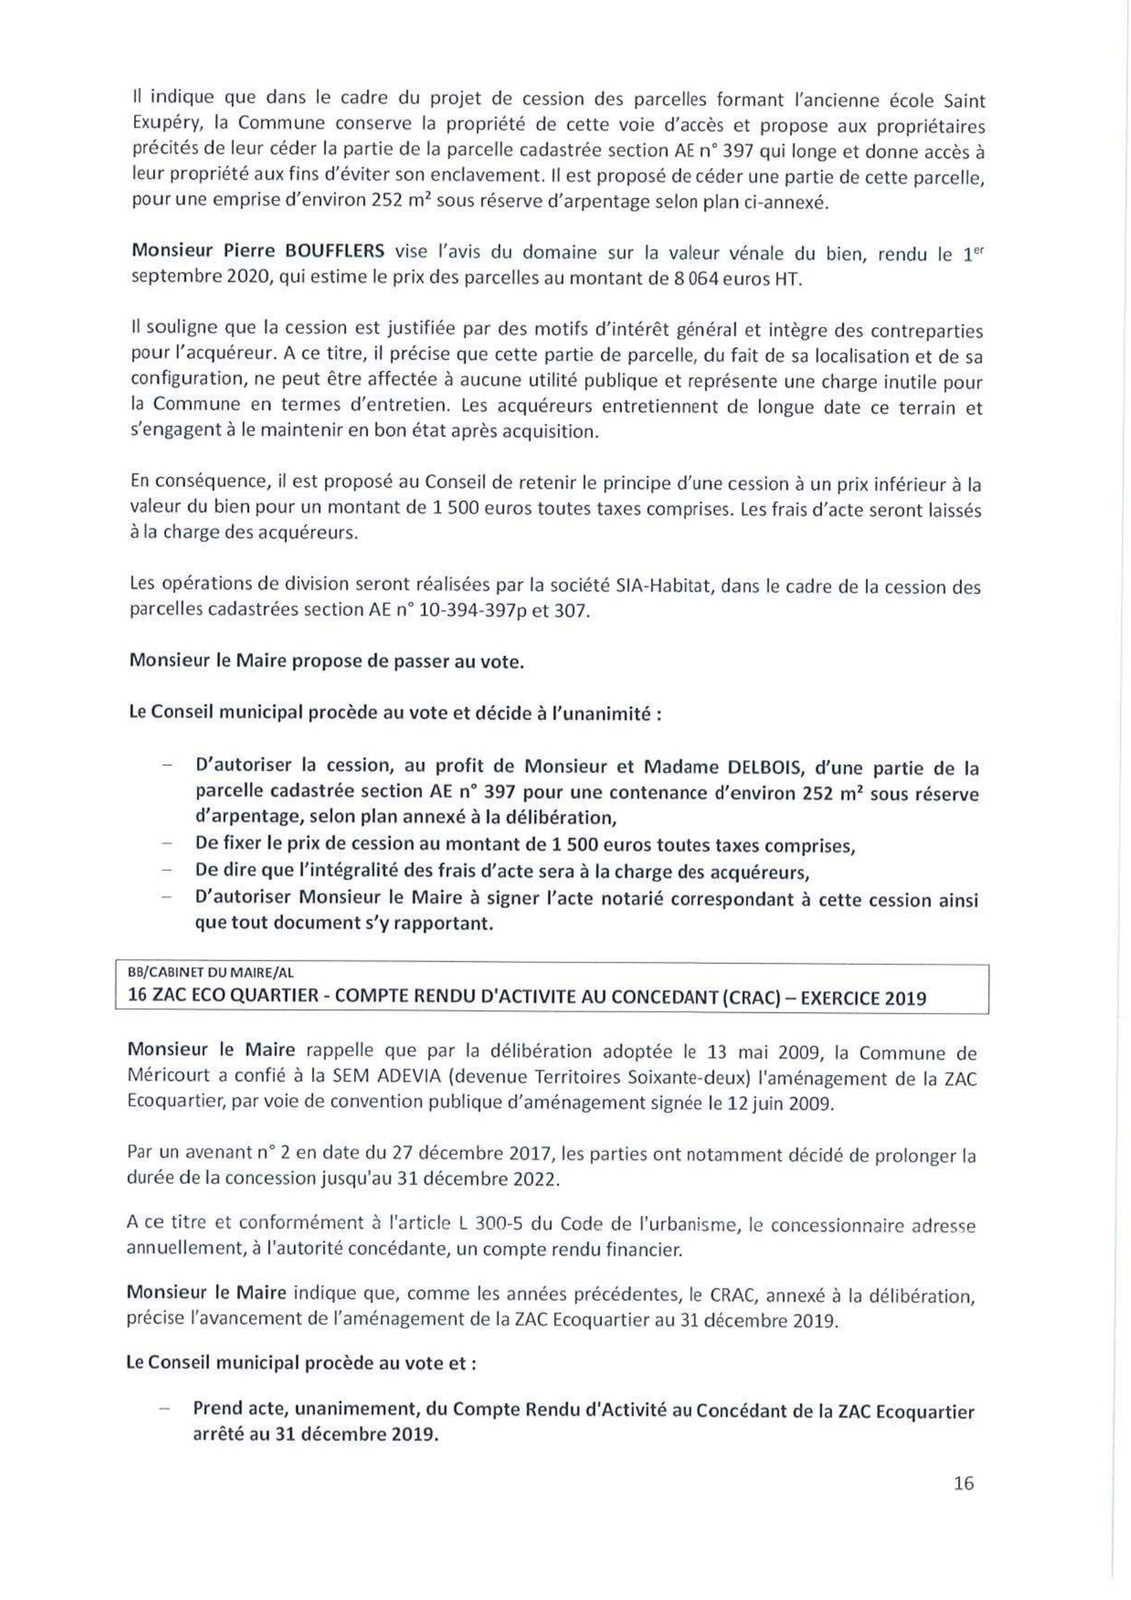 Conseil municipal de Méricourt du 25 novembre 2020 : le compte-rendu officiel est en ligne